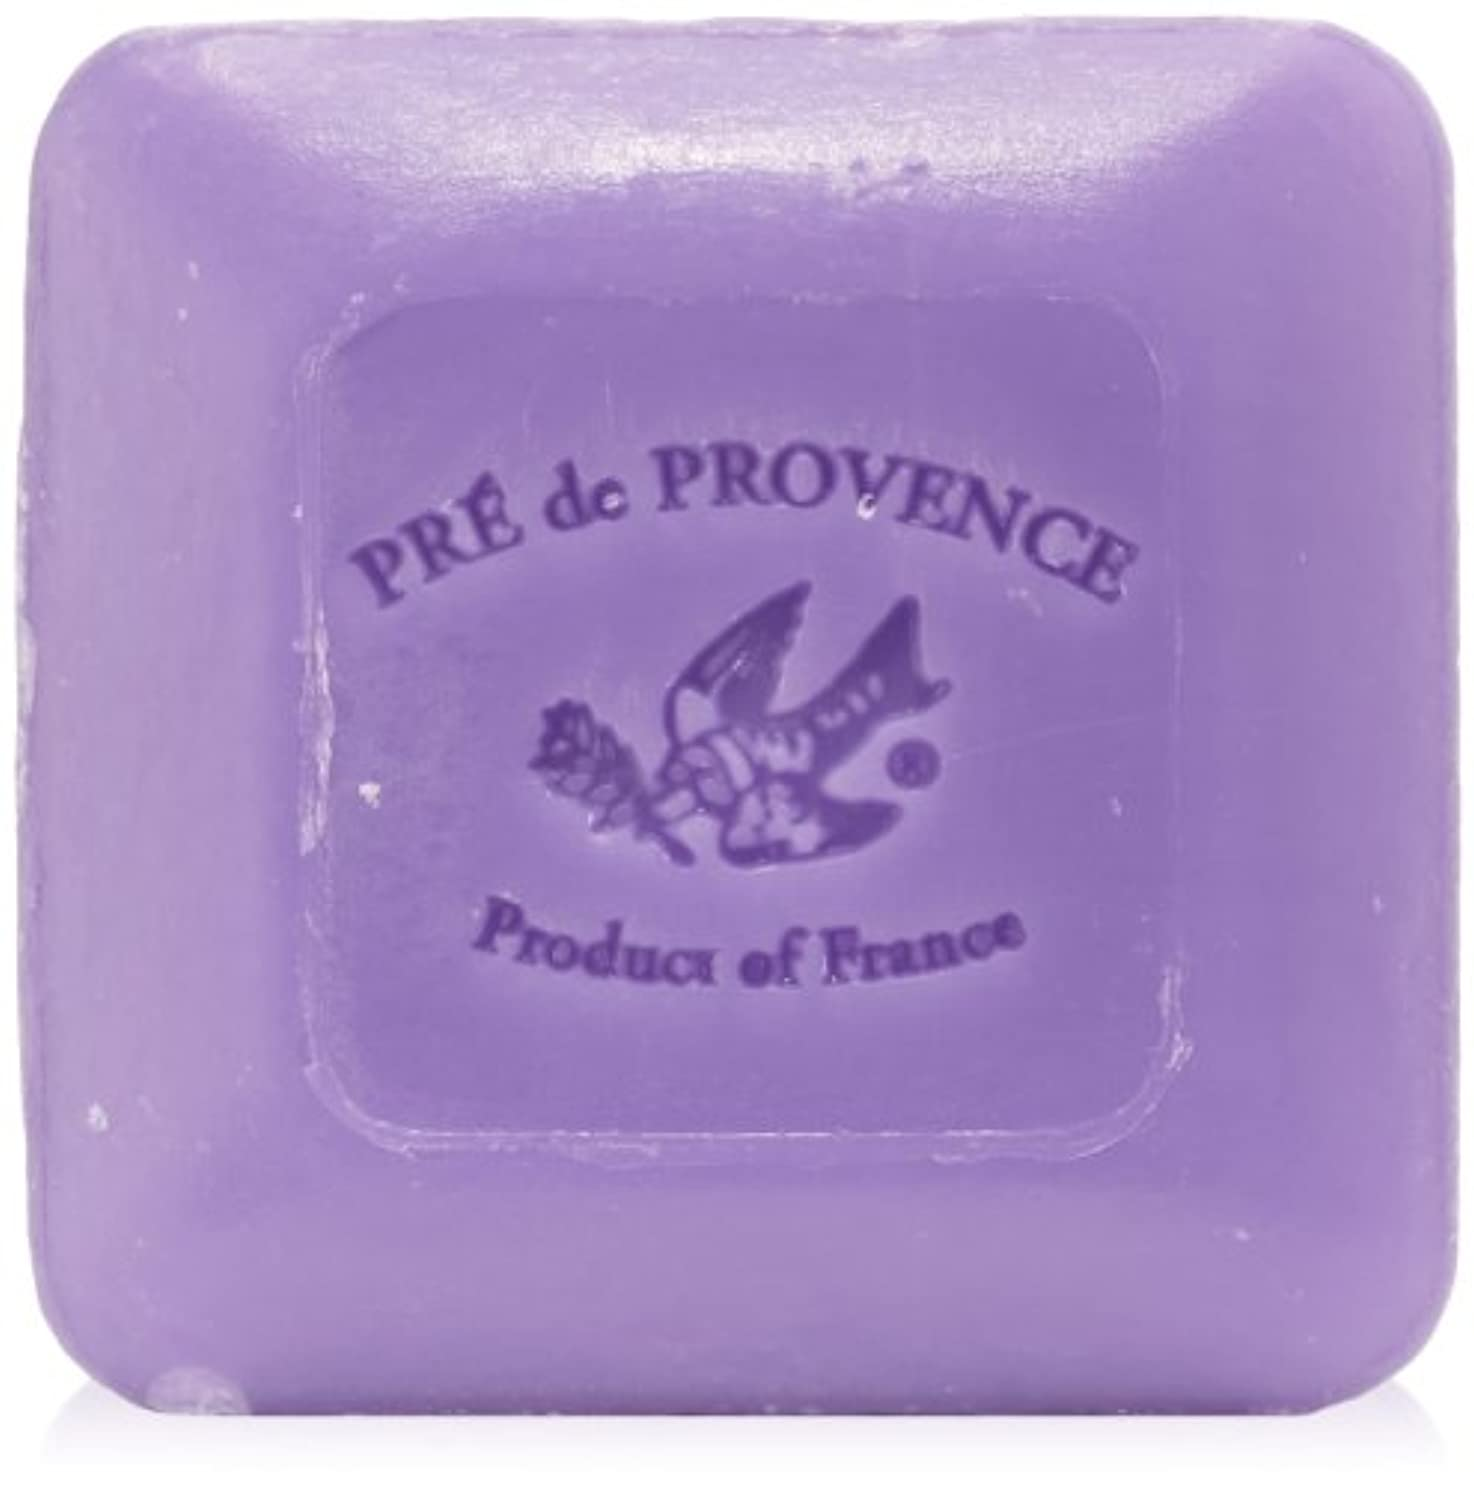 PRE de PROVENCE シアバター エンリッチドソープ ギフトパック ジャスミン JASMIN プレ ドゥ プロヴァンス Shea Butter Enriched Soap